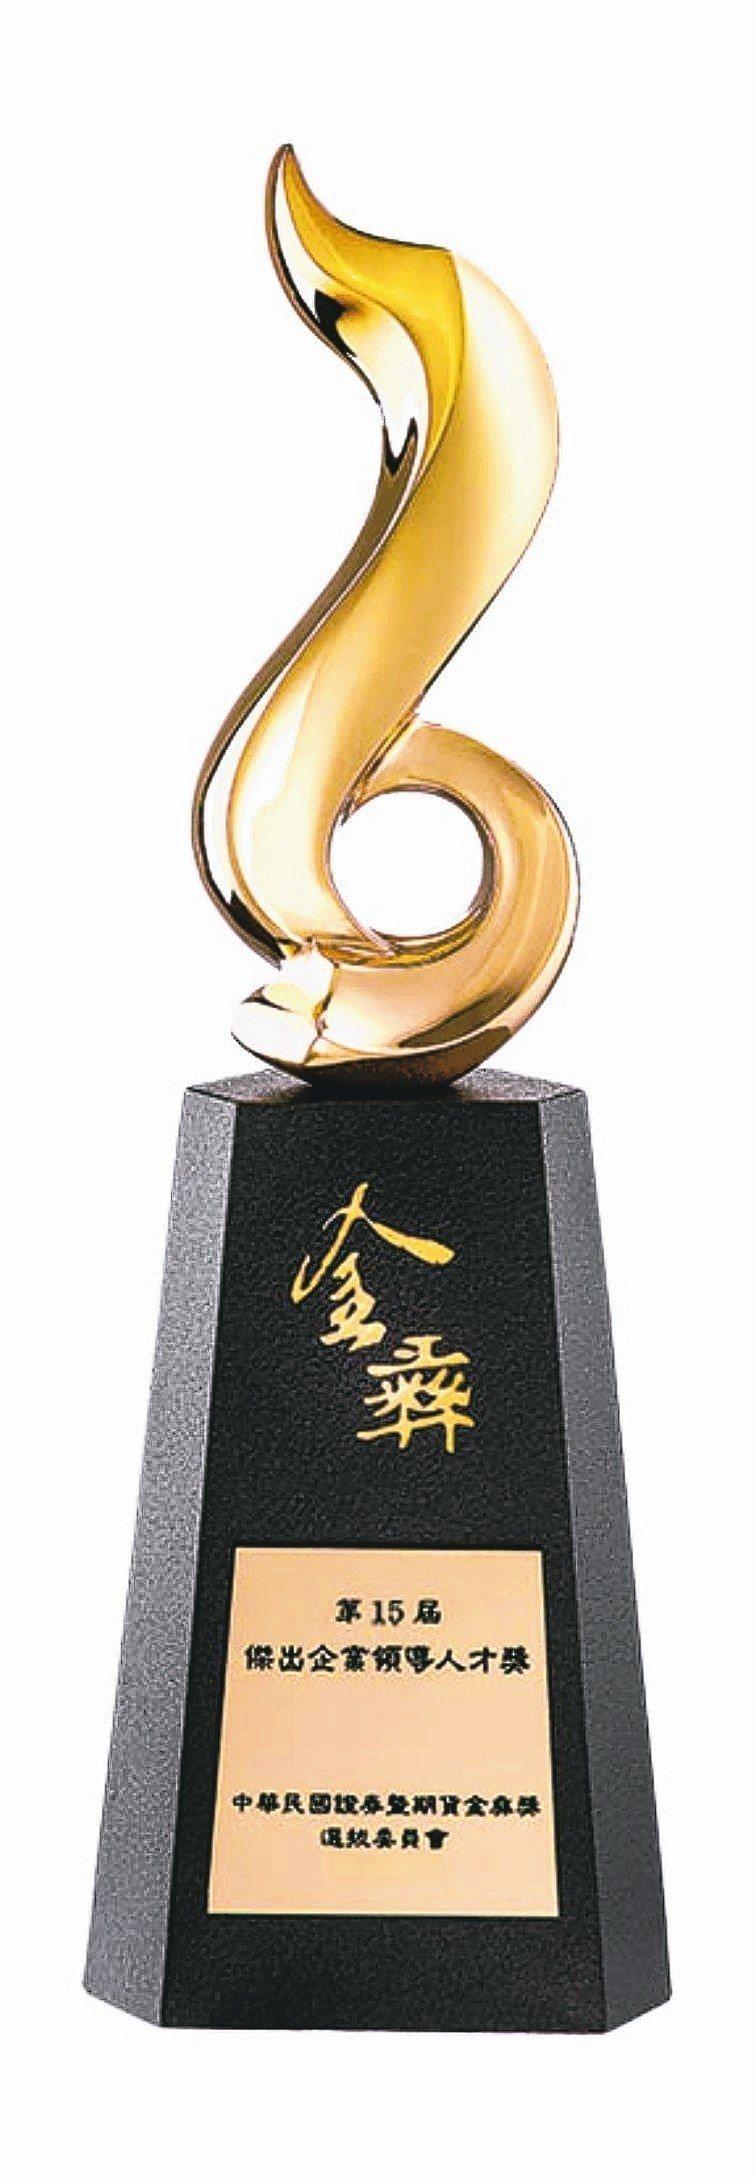 第15屆金彝獎選拔活動正式啟動。 證基會/提供